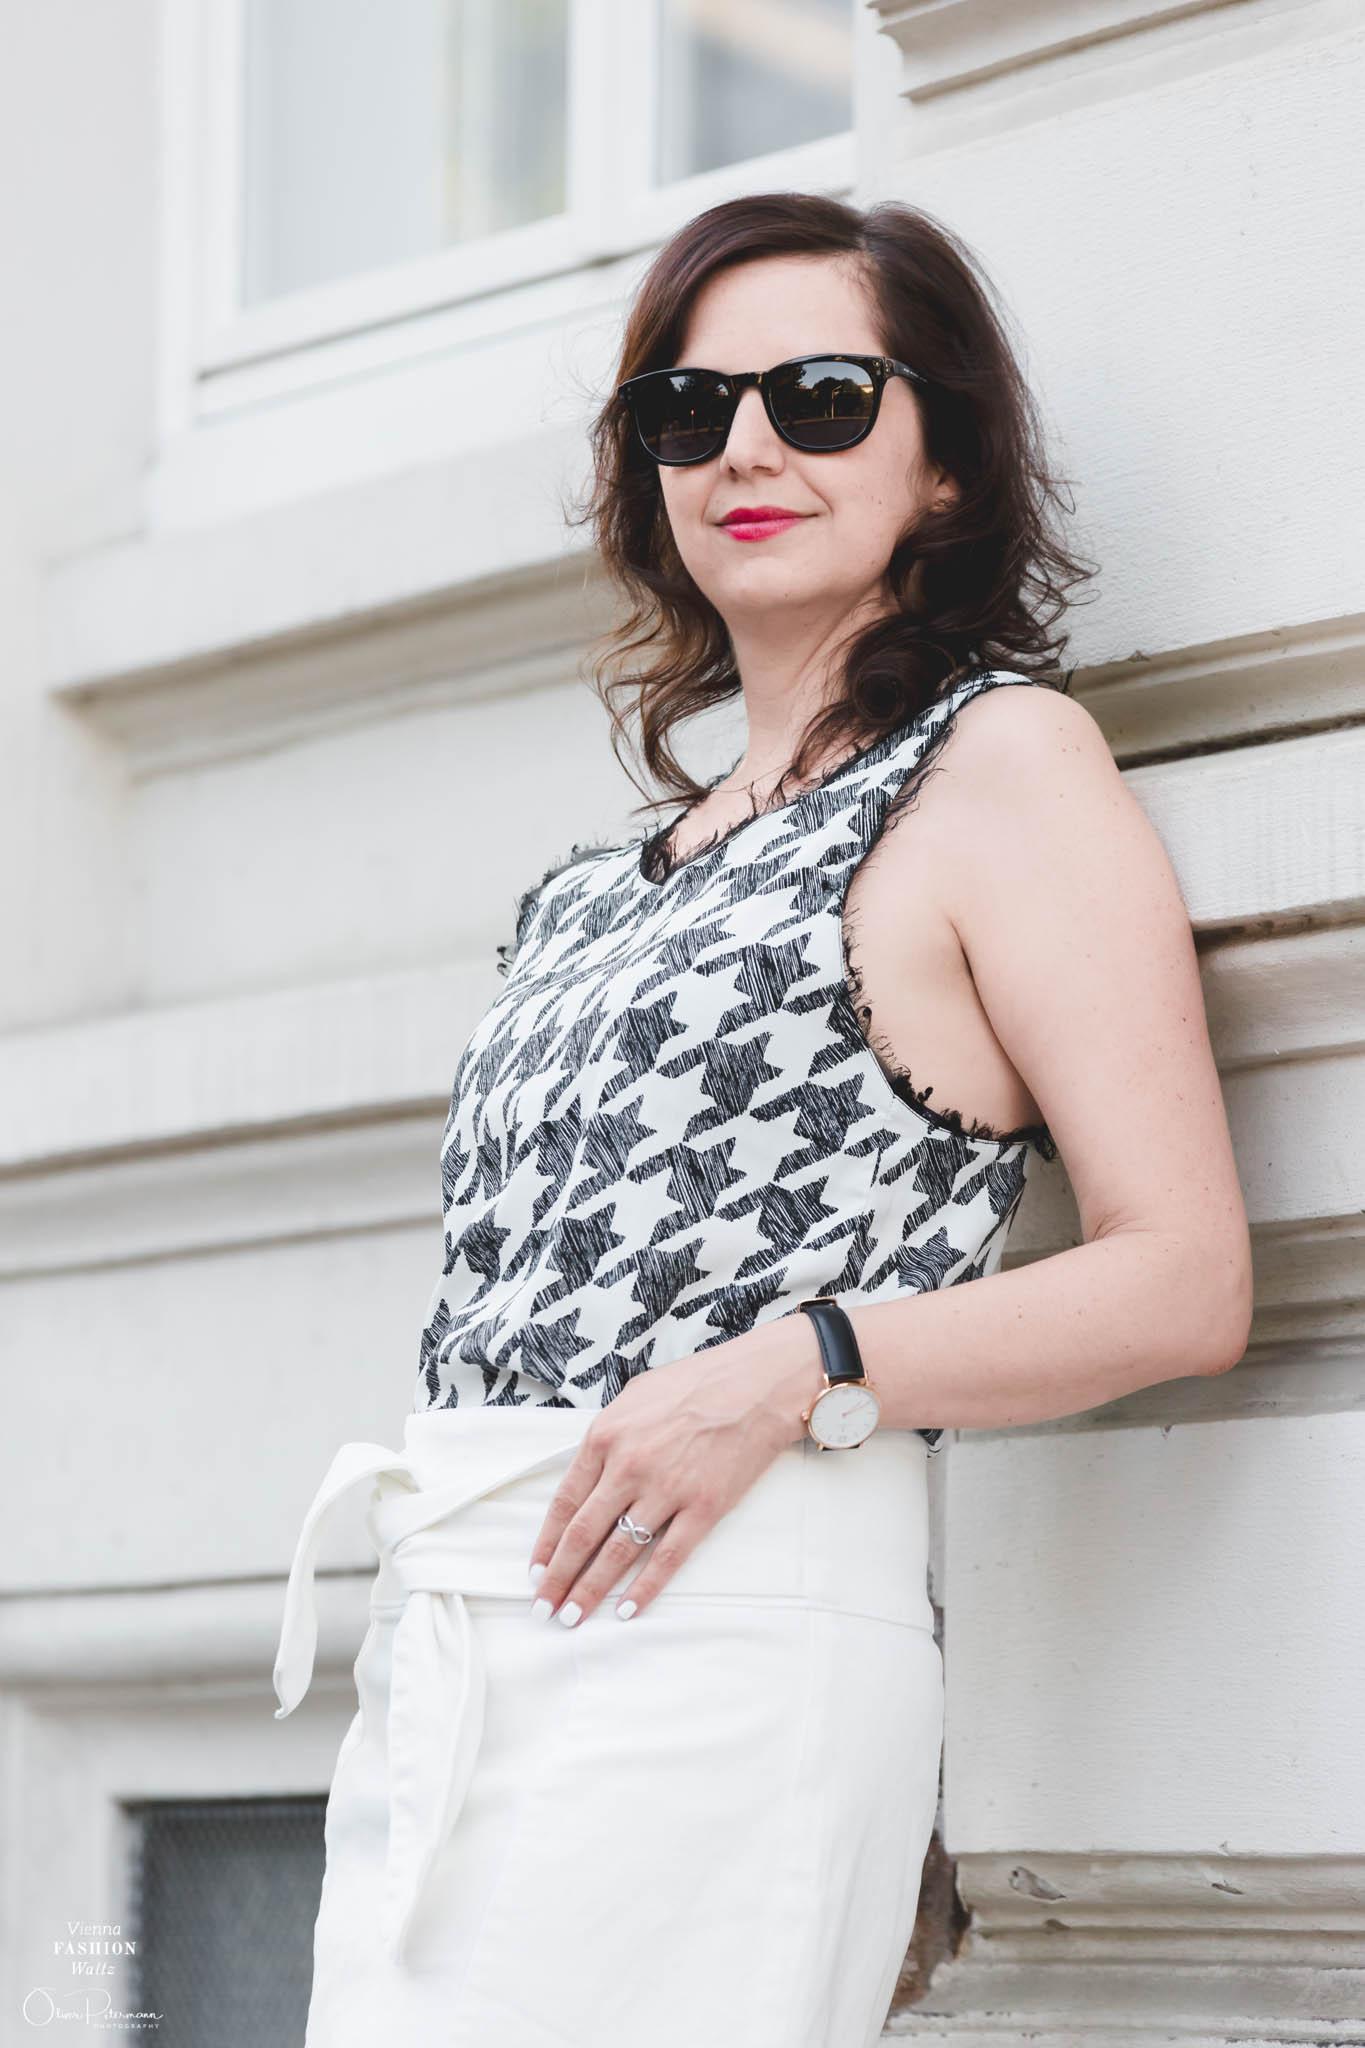 Sonnenbrille schwarz von Marc Jacobs, Jeans Rock mit Schleife, Outfit, Style, Fashion, Sommer, Prints, weißer Jeansrock von Mango, summer white style